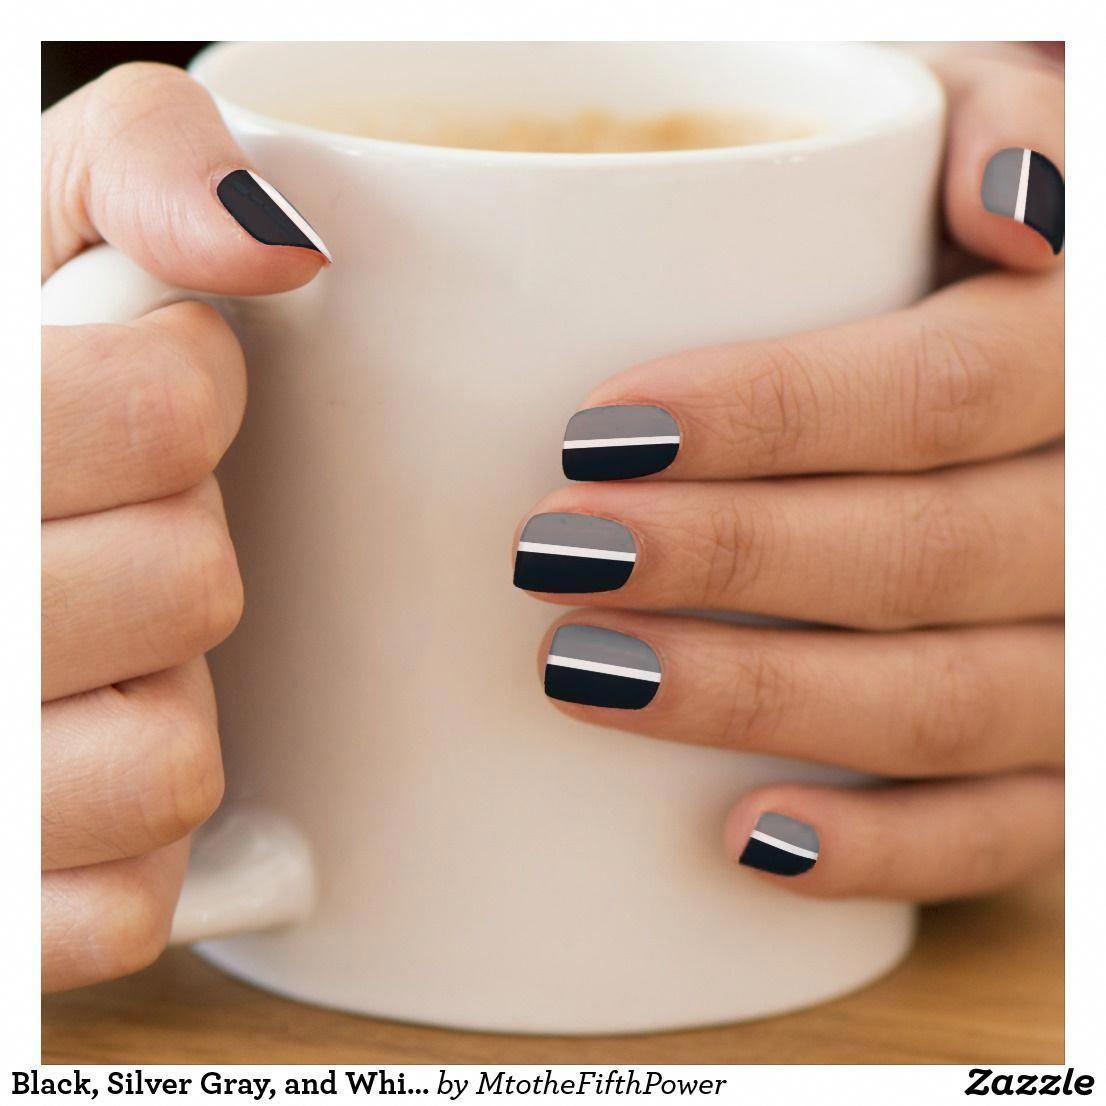 Black, Silver Gray, and White Stripe Minx Nail Wraps | Zazzle.com